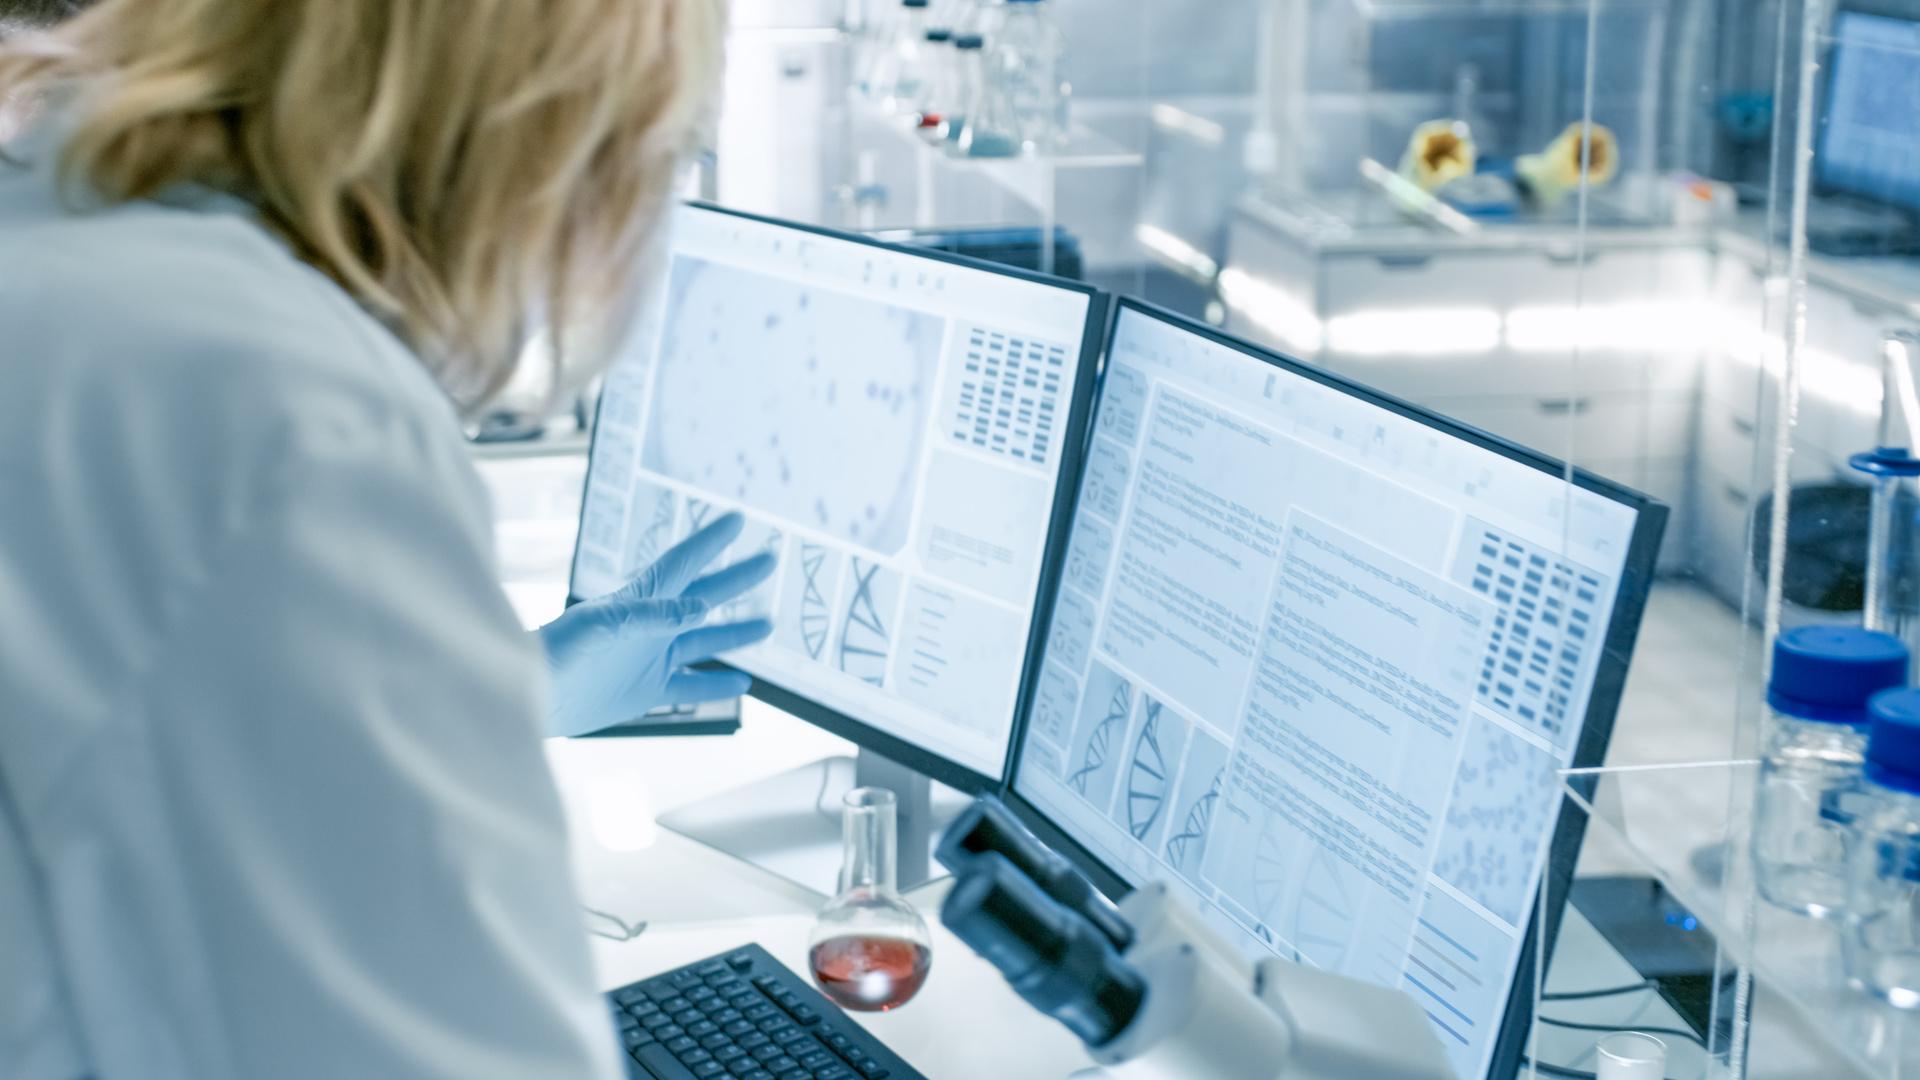 腫瘤藥敏測試可有效偵測及判斷患者對哪些藥物、療法或營養補充劑的呈現最佳反應。